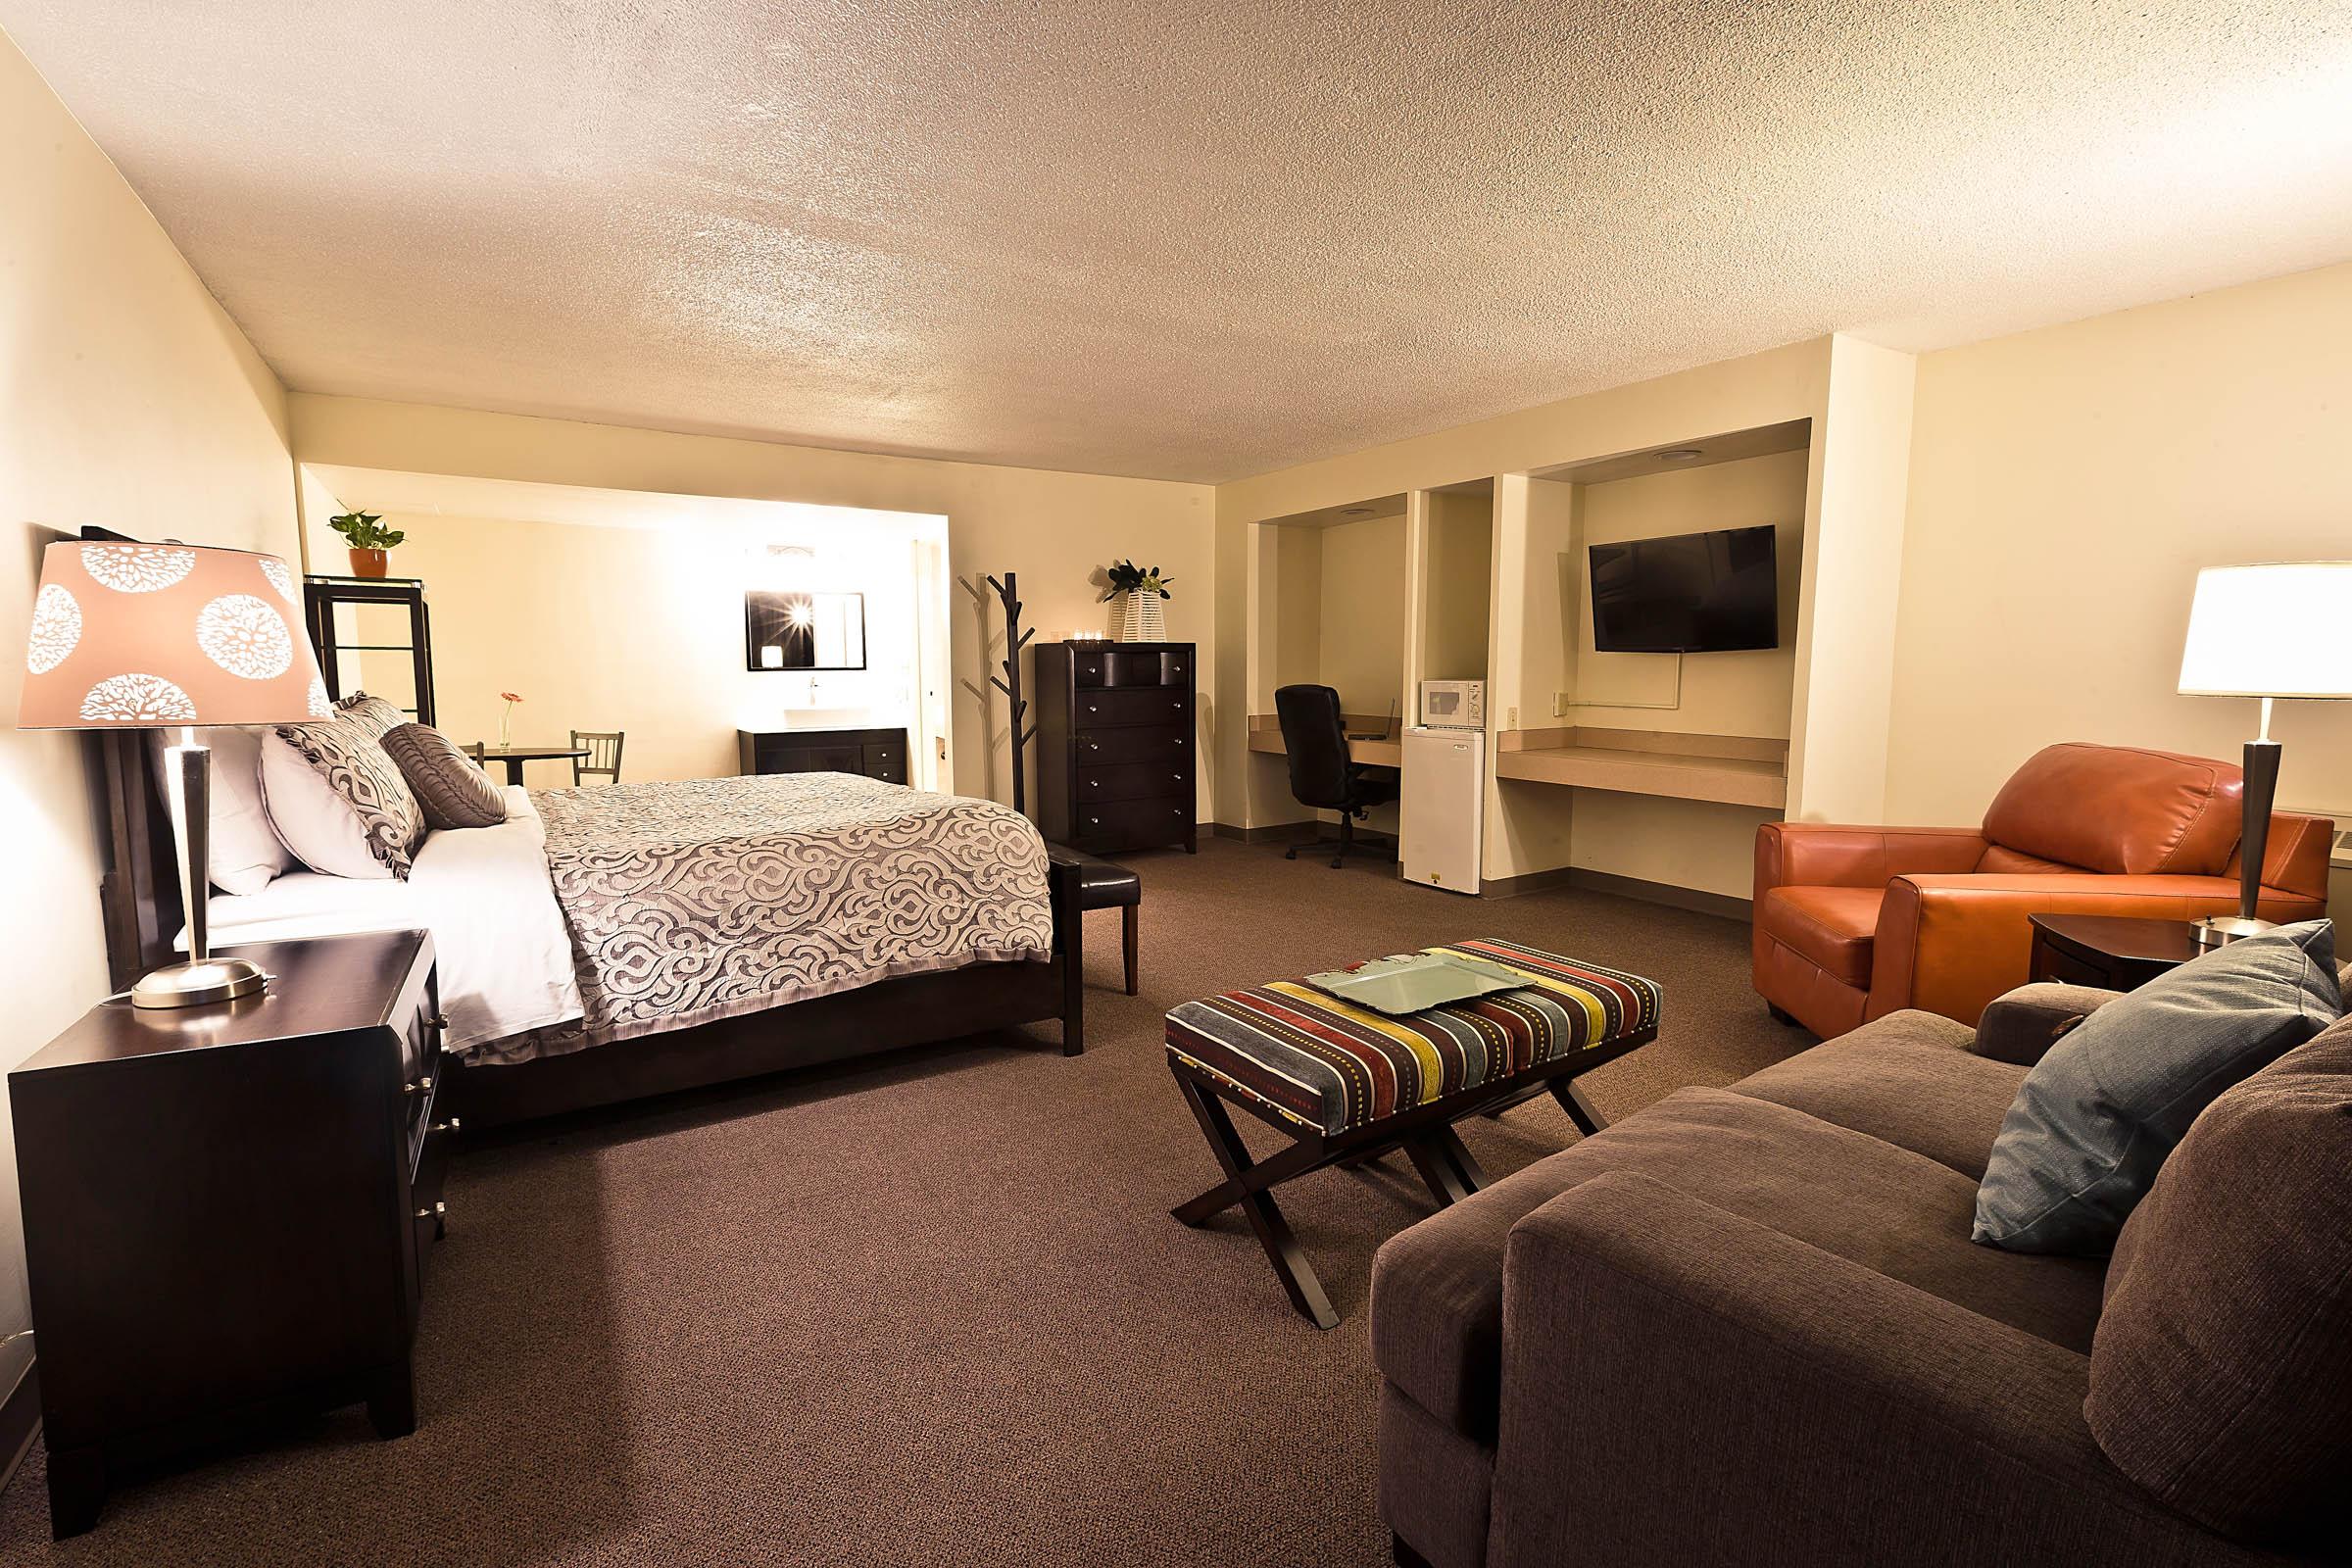 garden hotel south beloit guest rooms 007.jpg